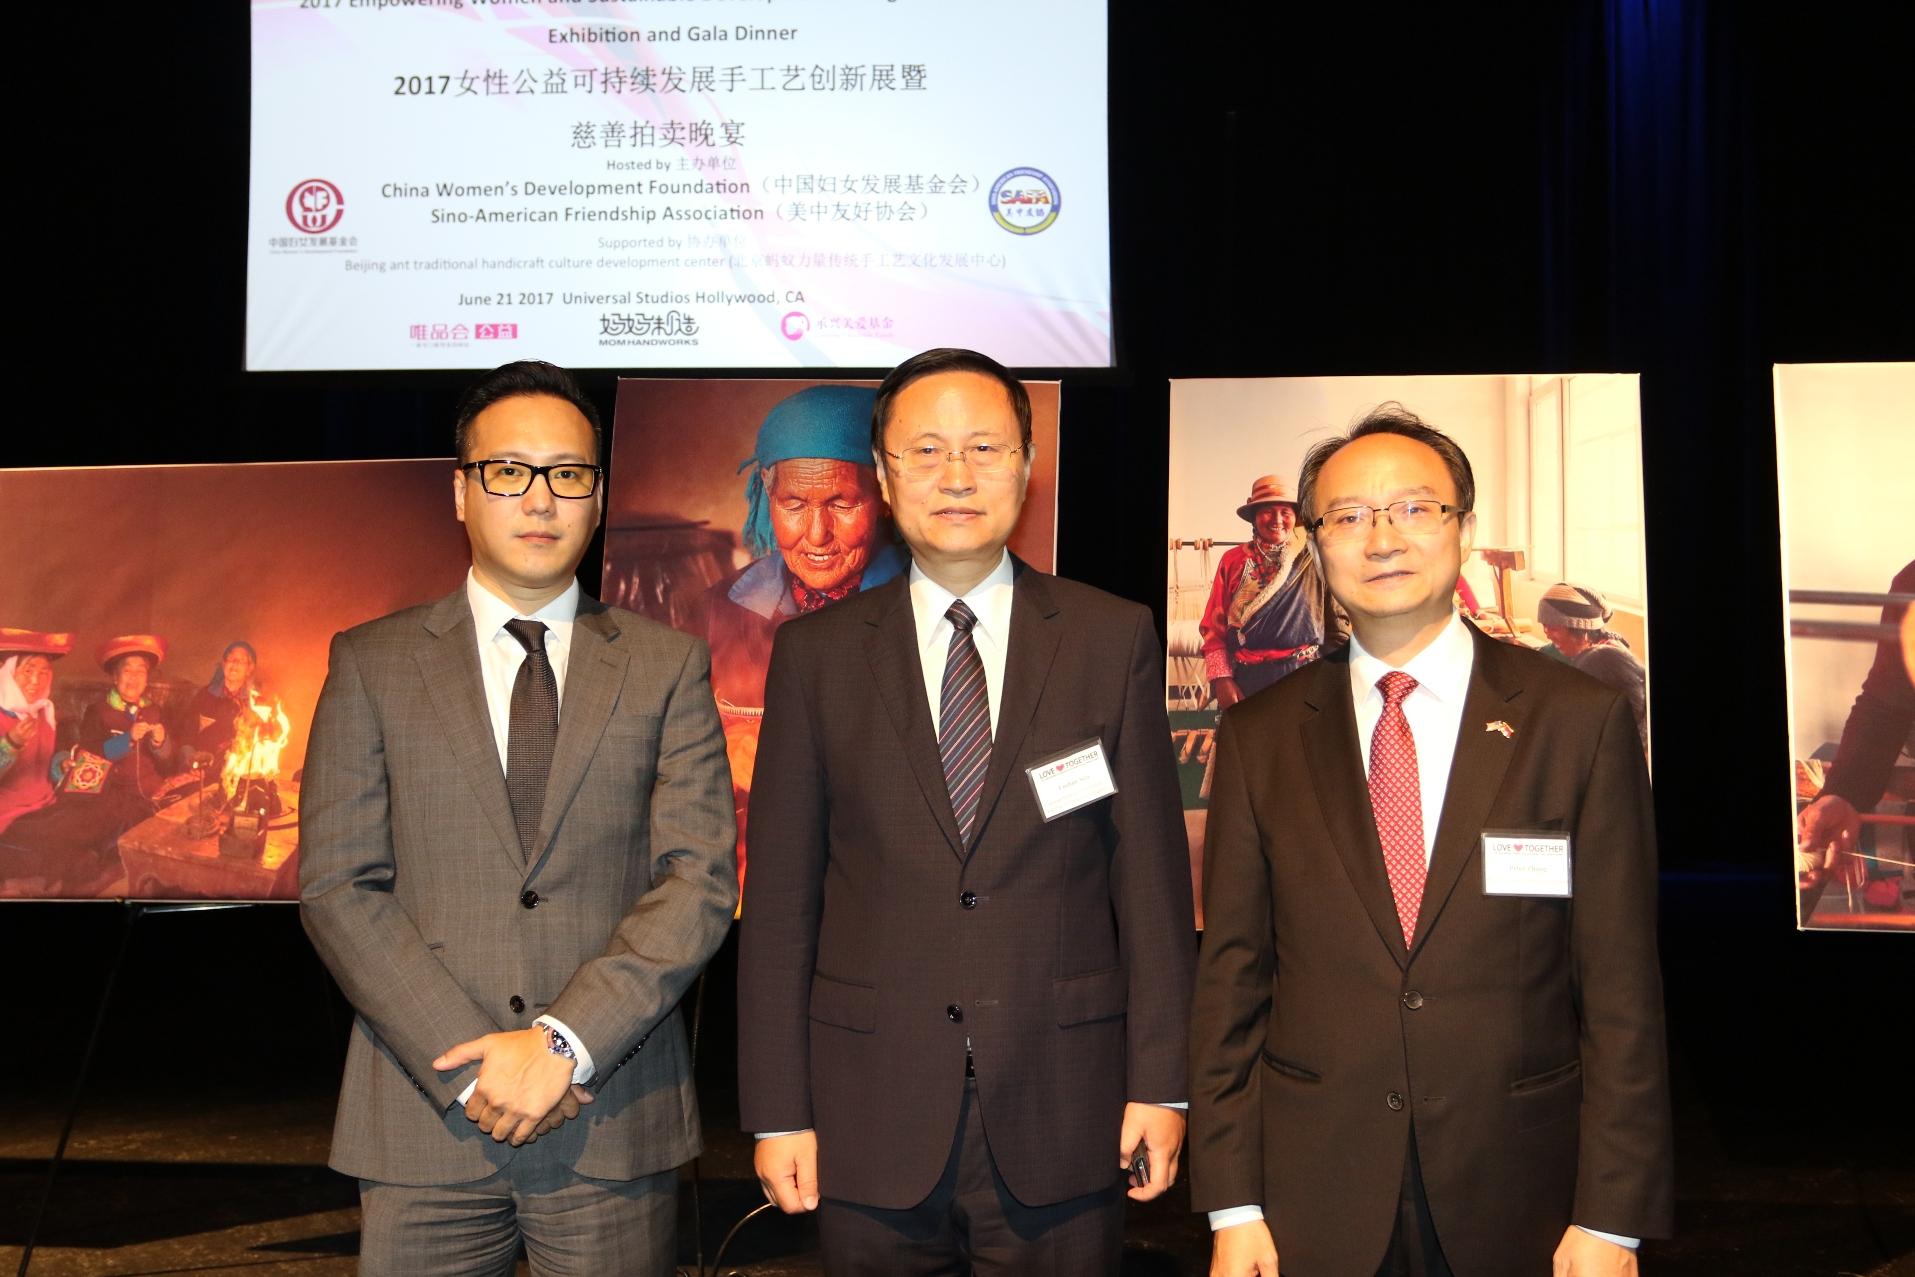 (左起) 印灝鋒、孫魯山、張錦平出席活動。記者黃松攝